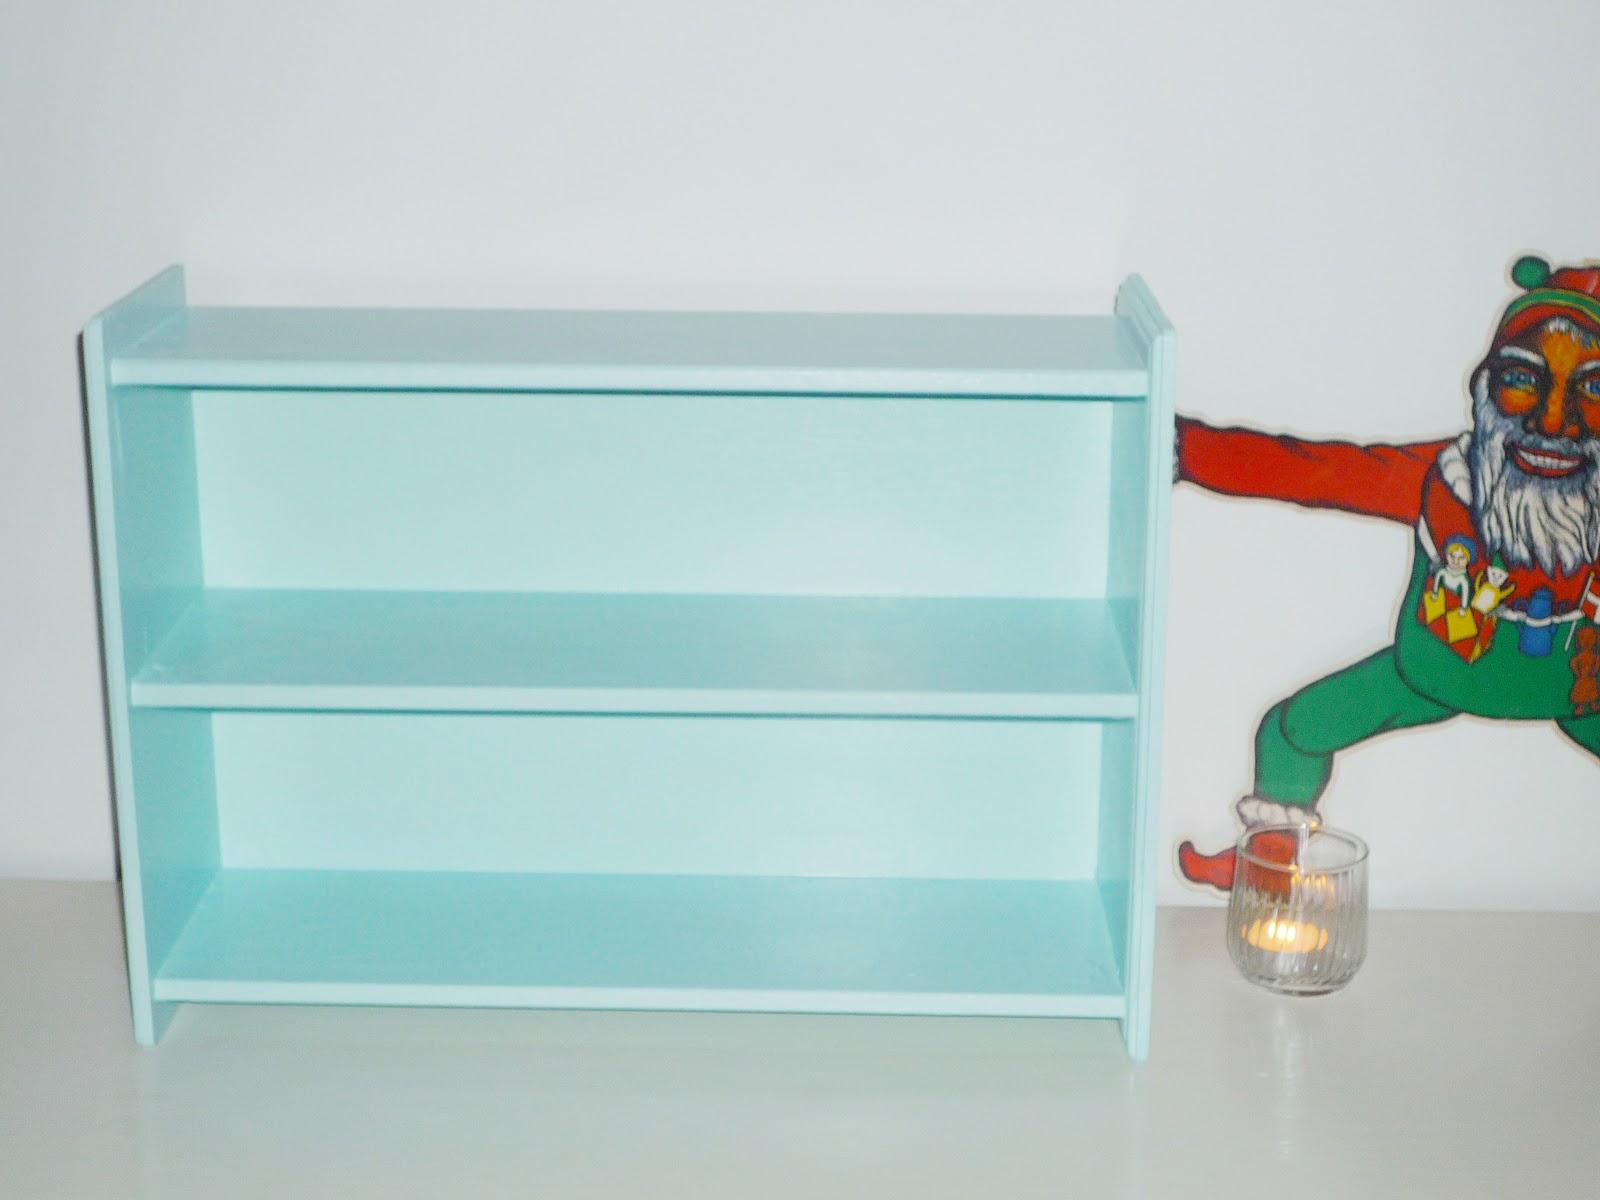 Ælle Bælle Bu: Møbler til Eliotts værelse